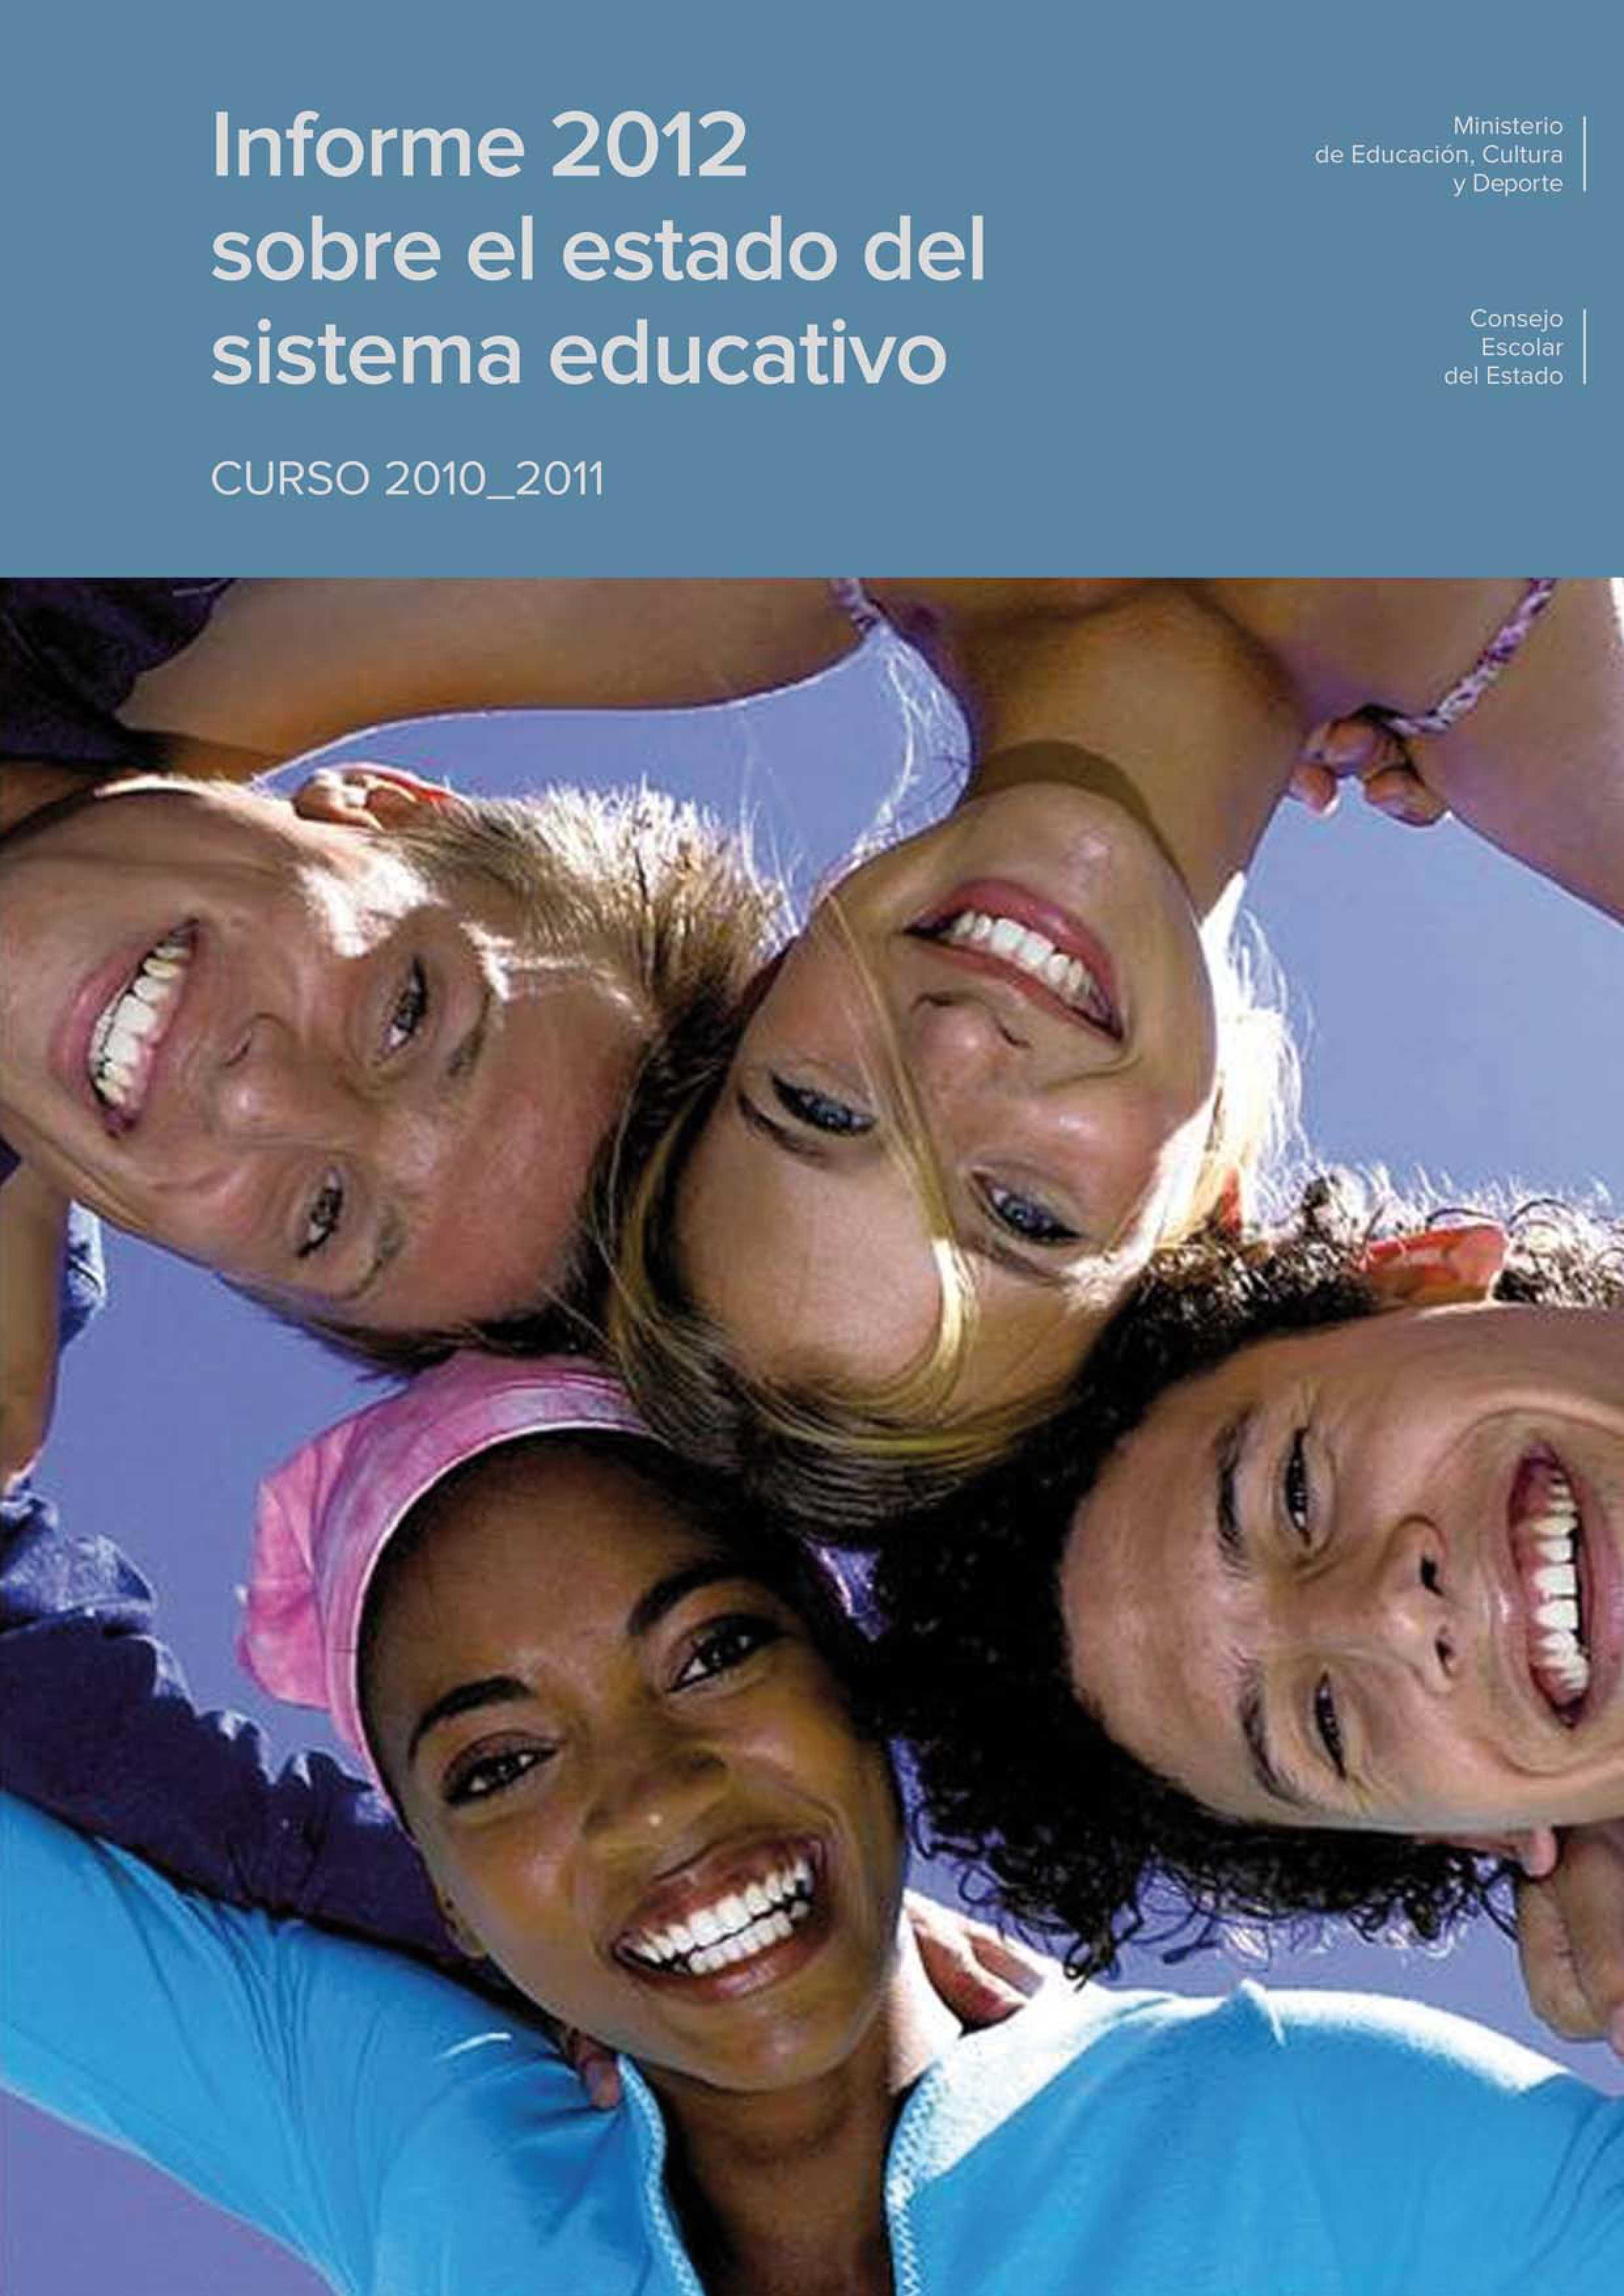 Informe 2012 sobre el estado del sistema educativo. Curso 2010_2011